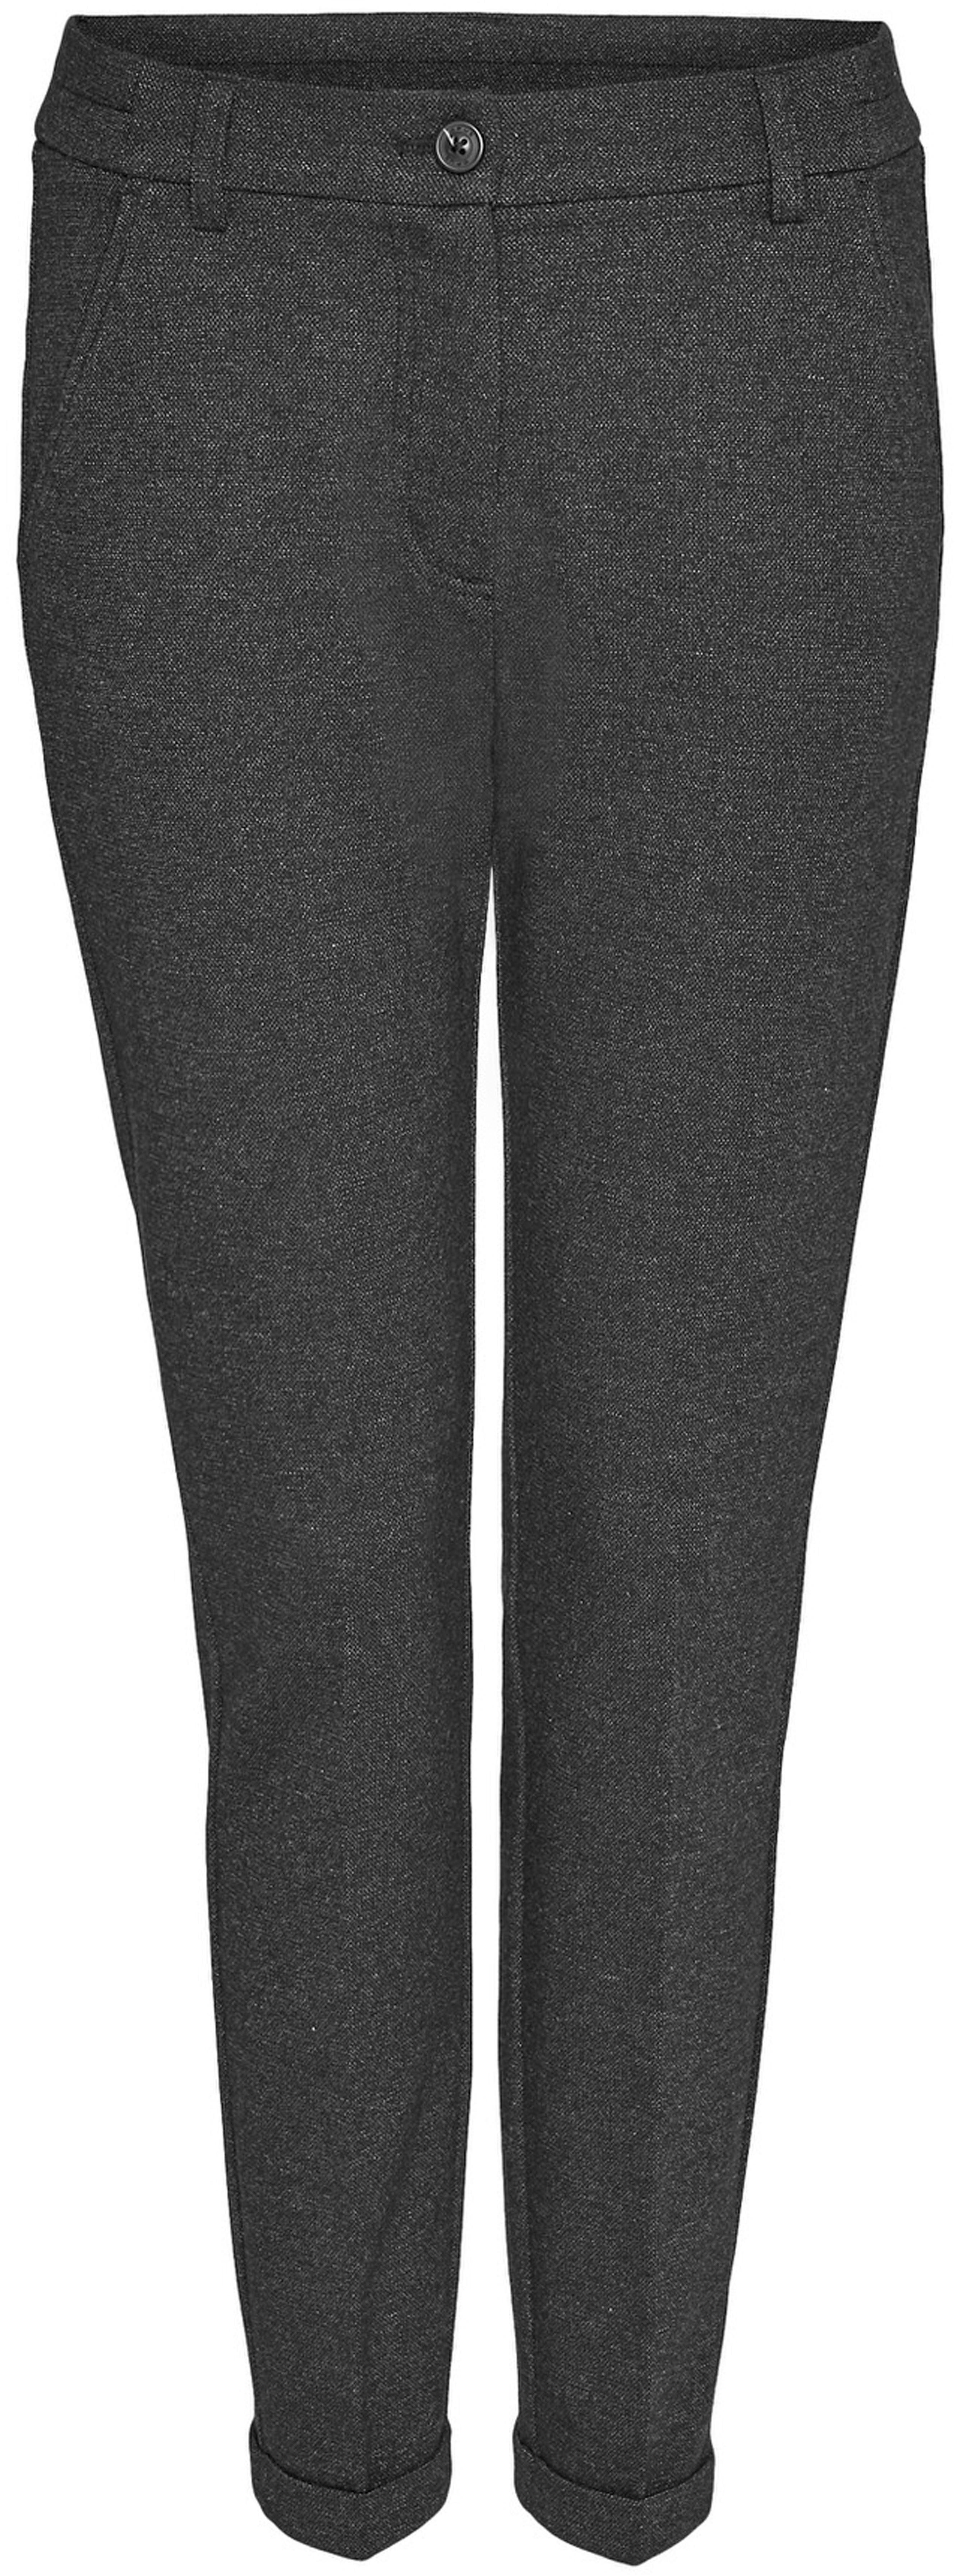 Think Pantolette Modell Mizzi schwarz  Klettverschluß incl THINK Tüte